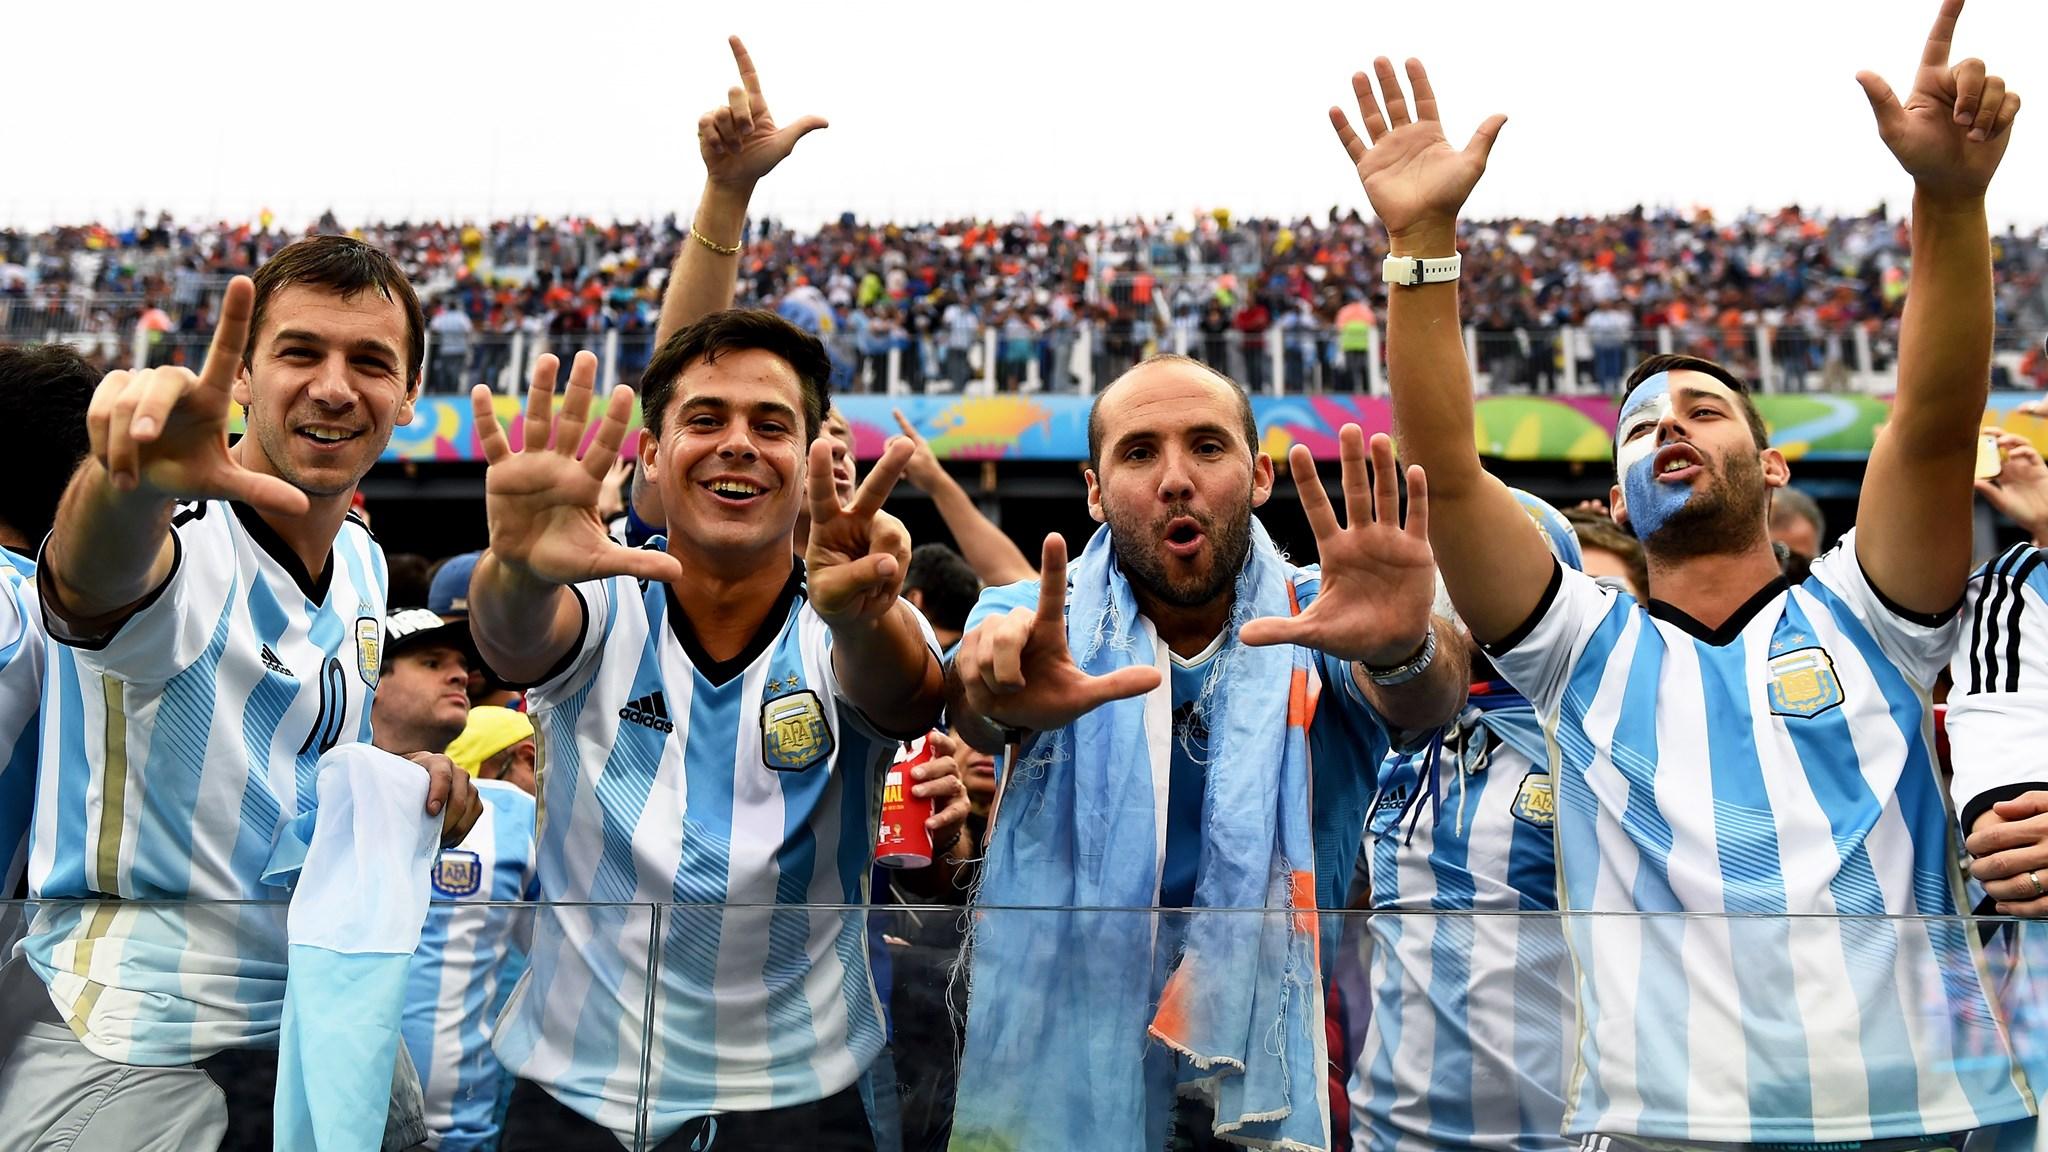 256 - Netherlands-Argentina [0-0] -- 09 Jul 2014 - 17-00 - kuaza